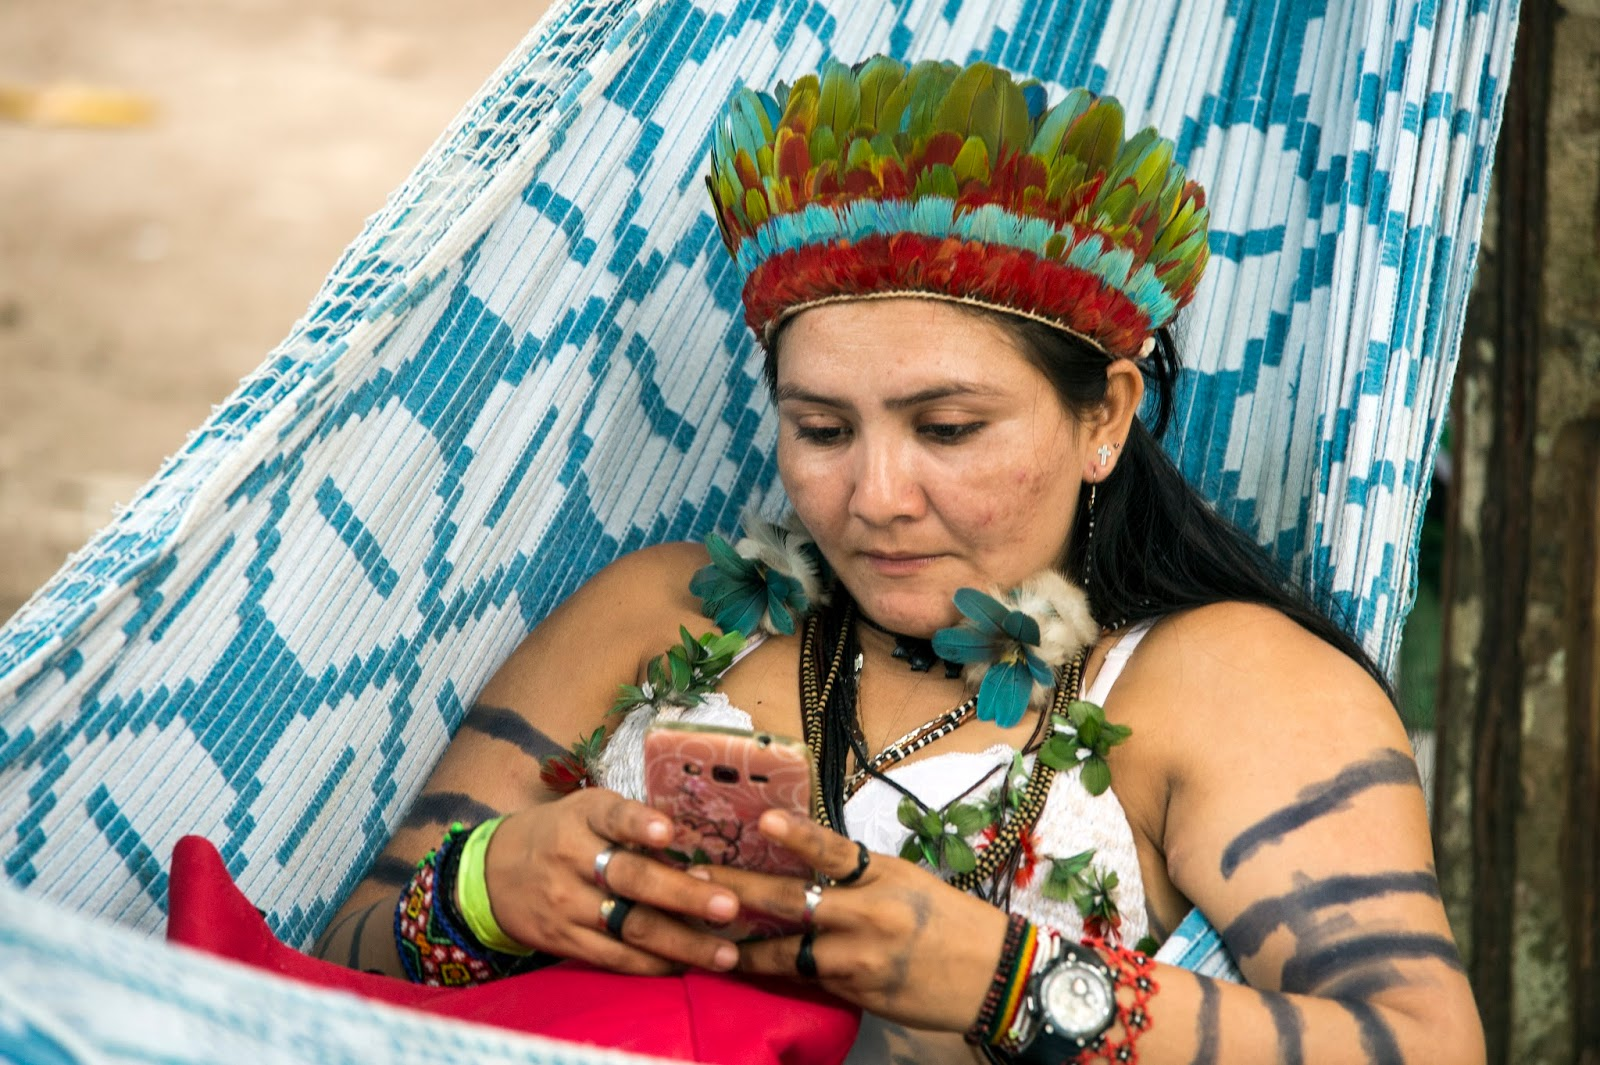 História dos nativos americanos, Indio xamã, Tatuagens